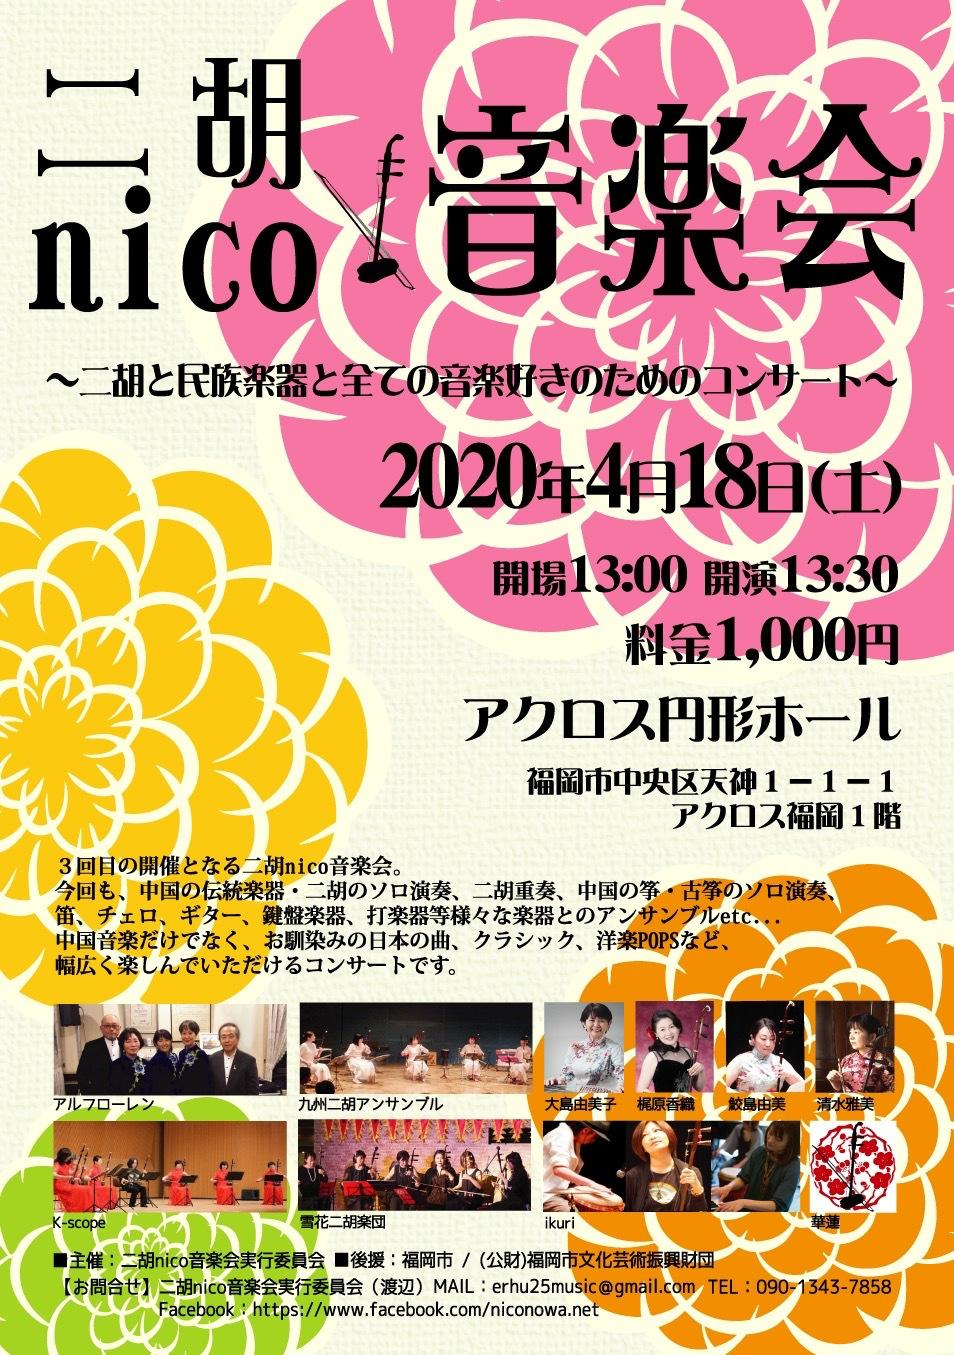 中止 2020年4月18日 土 第3回 二胡nico音楽会 二胡と民族音楽と全ての音楽好きのためのコンサート 2020 コンサート リベルタンゴ